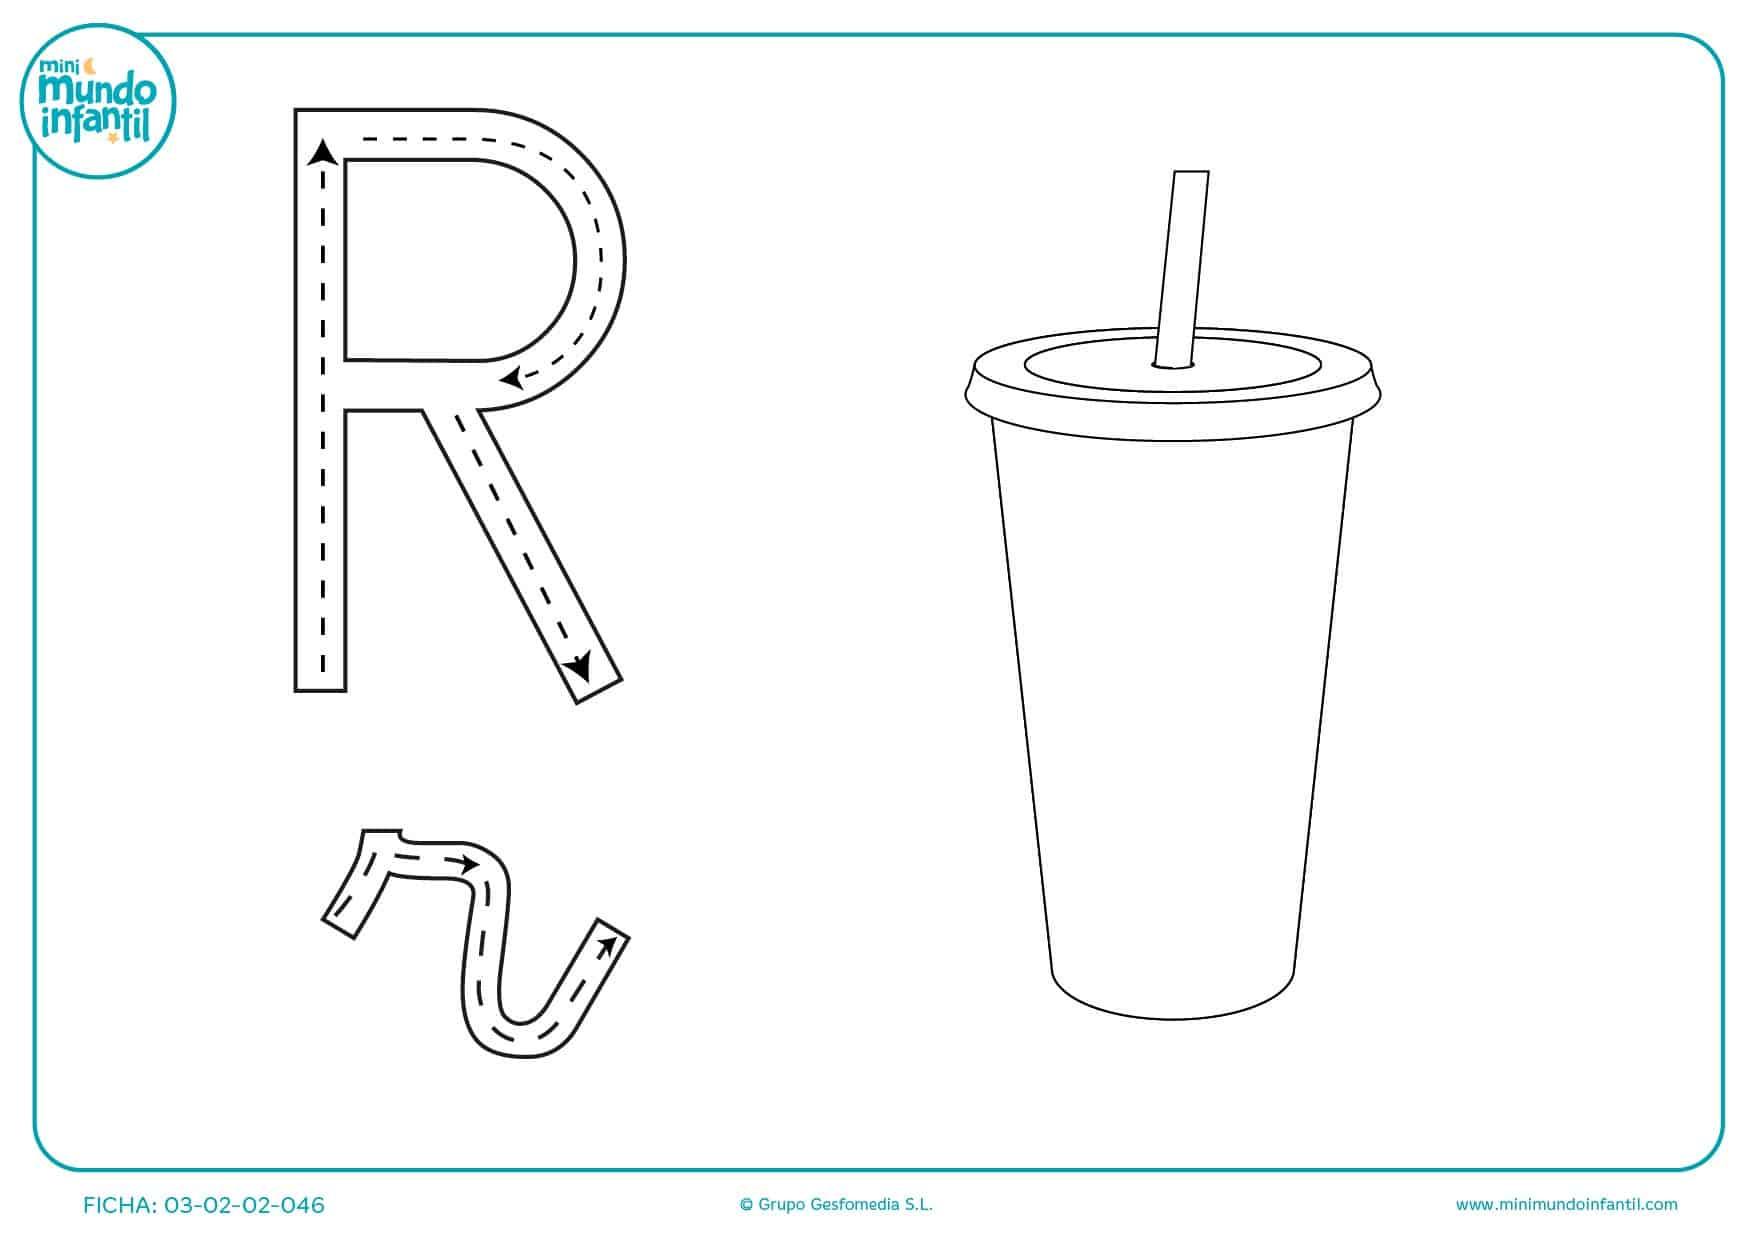 Completar el trazado de la letra R